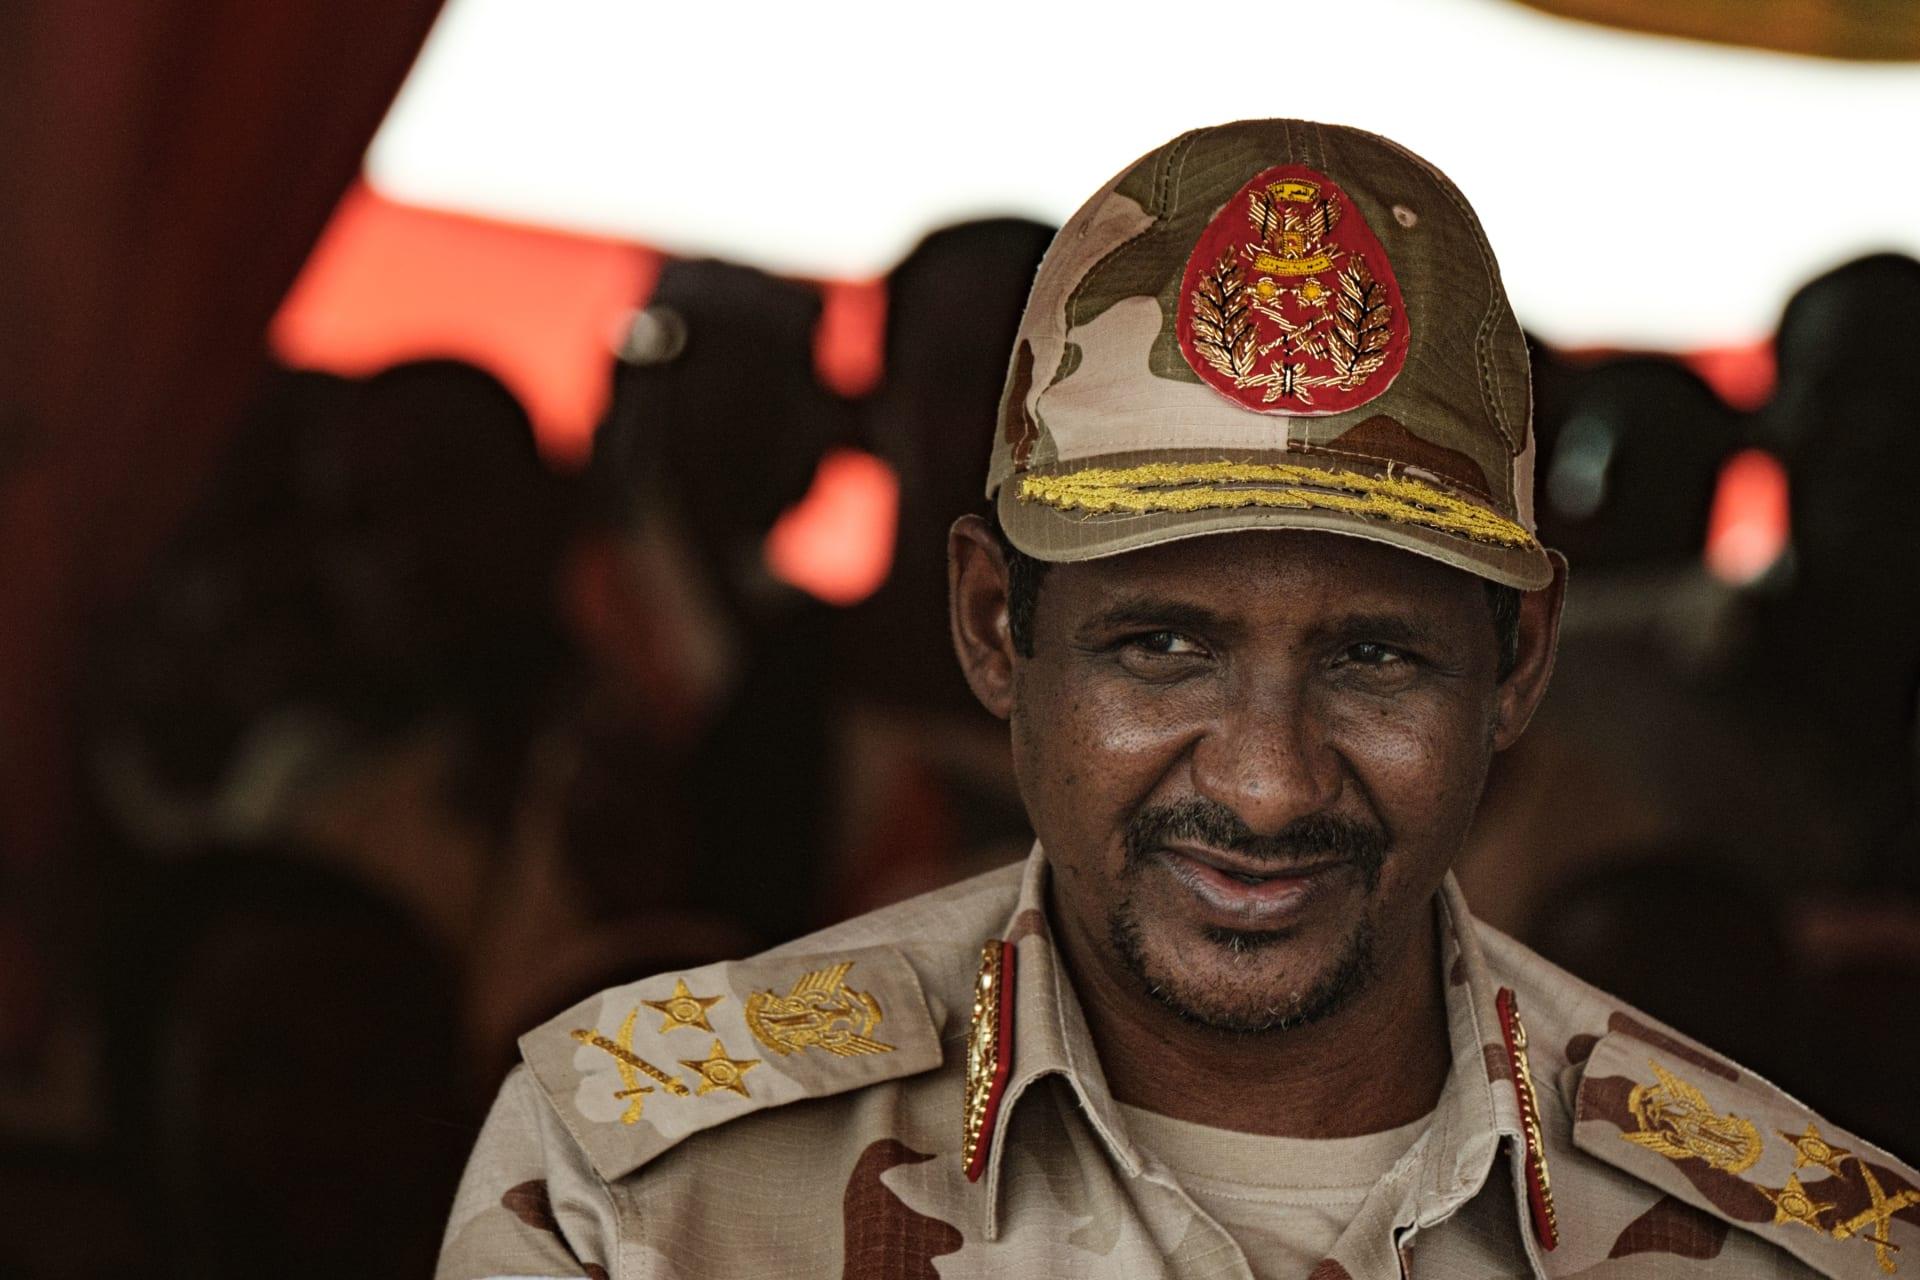 نائب رئيس مجلس السيادة في السودان يكشف قيمة الاتفاقيات مع تركيا ويؤكد: حصتنا 75 في المائة